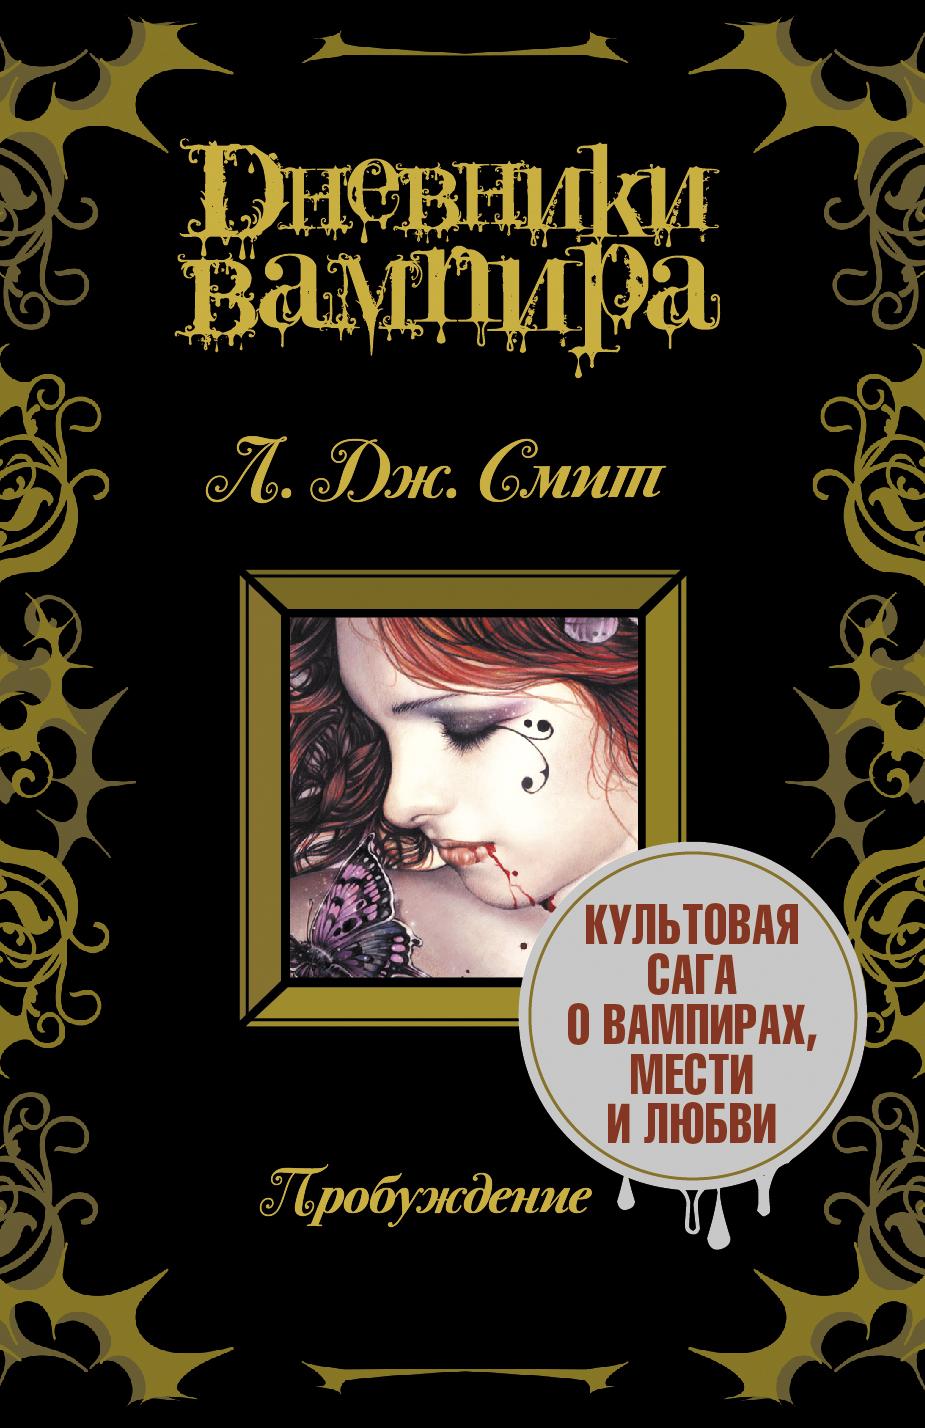 Смит Л.Дж. Дневники вампира смит л дж дневники вампира возвращение души теней